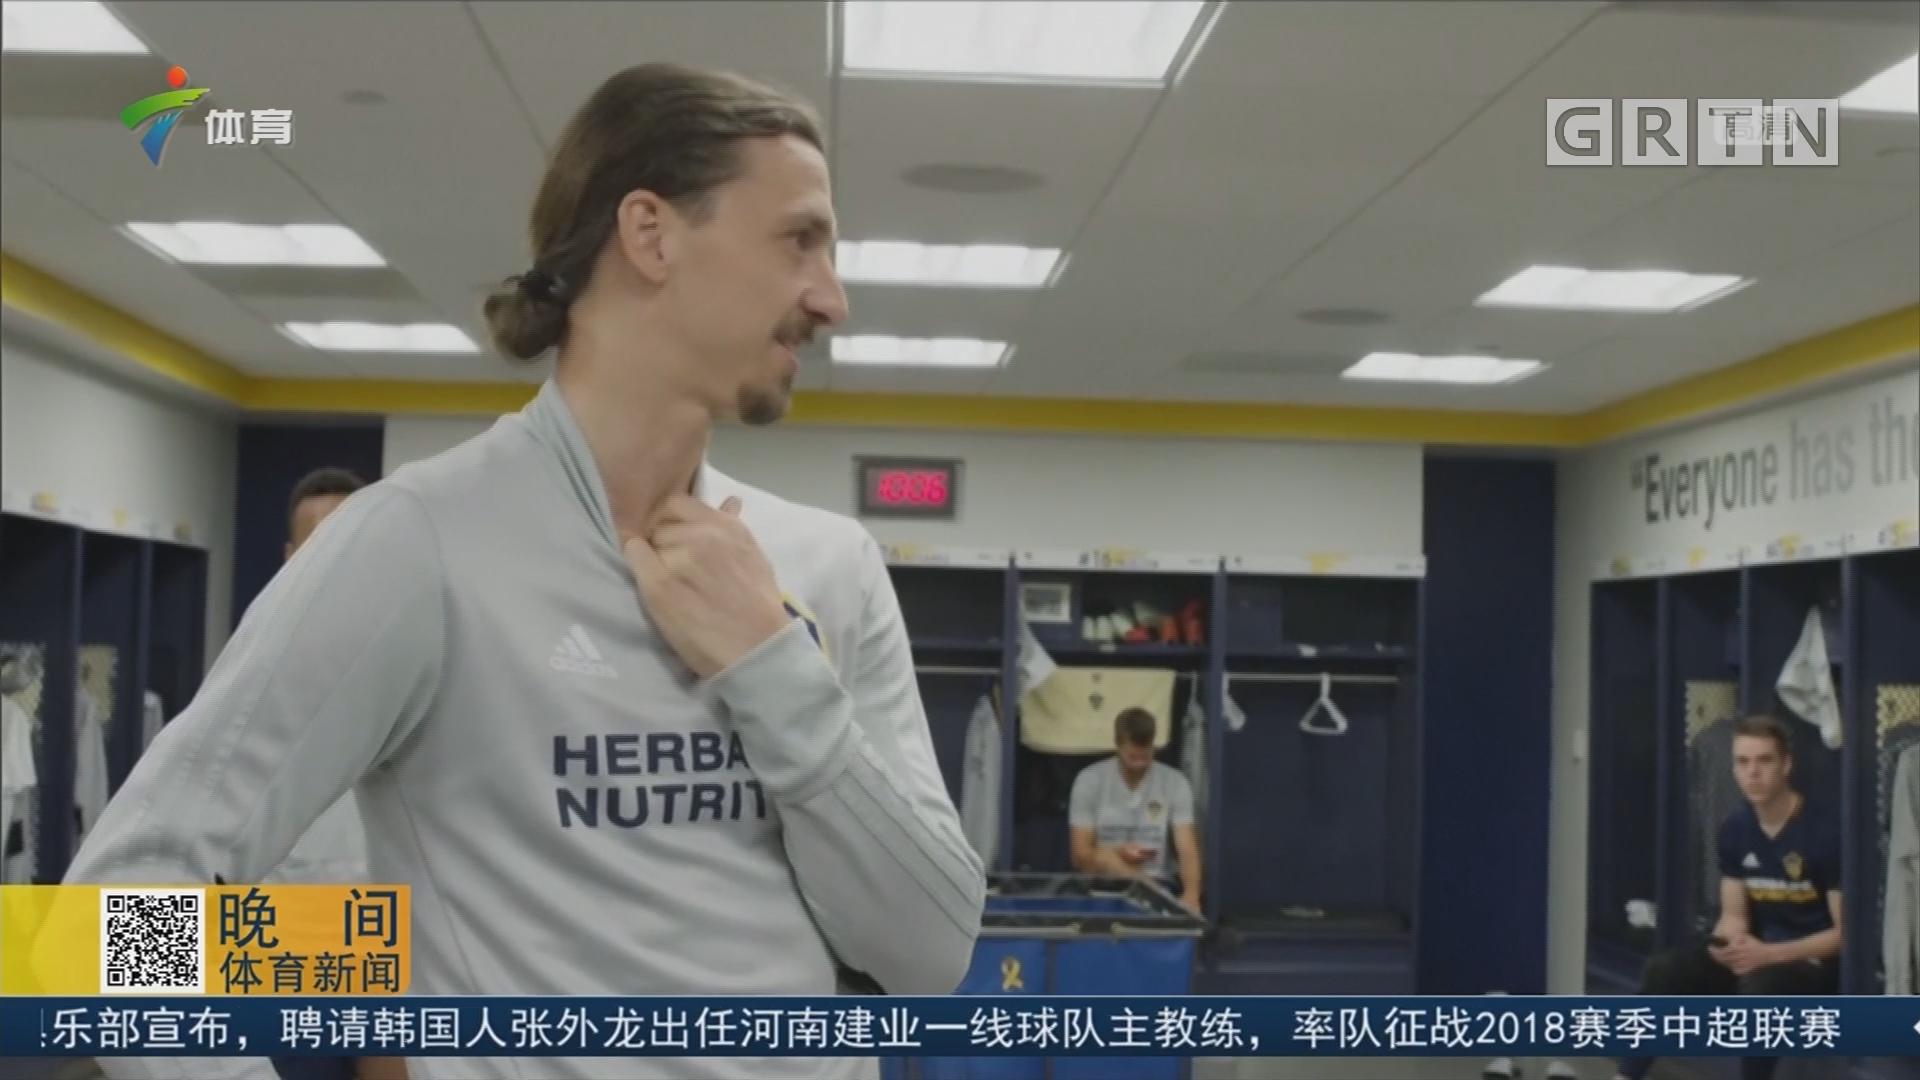 伊布无缘2018年俄罗斯世界杯